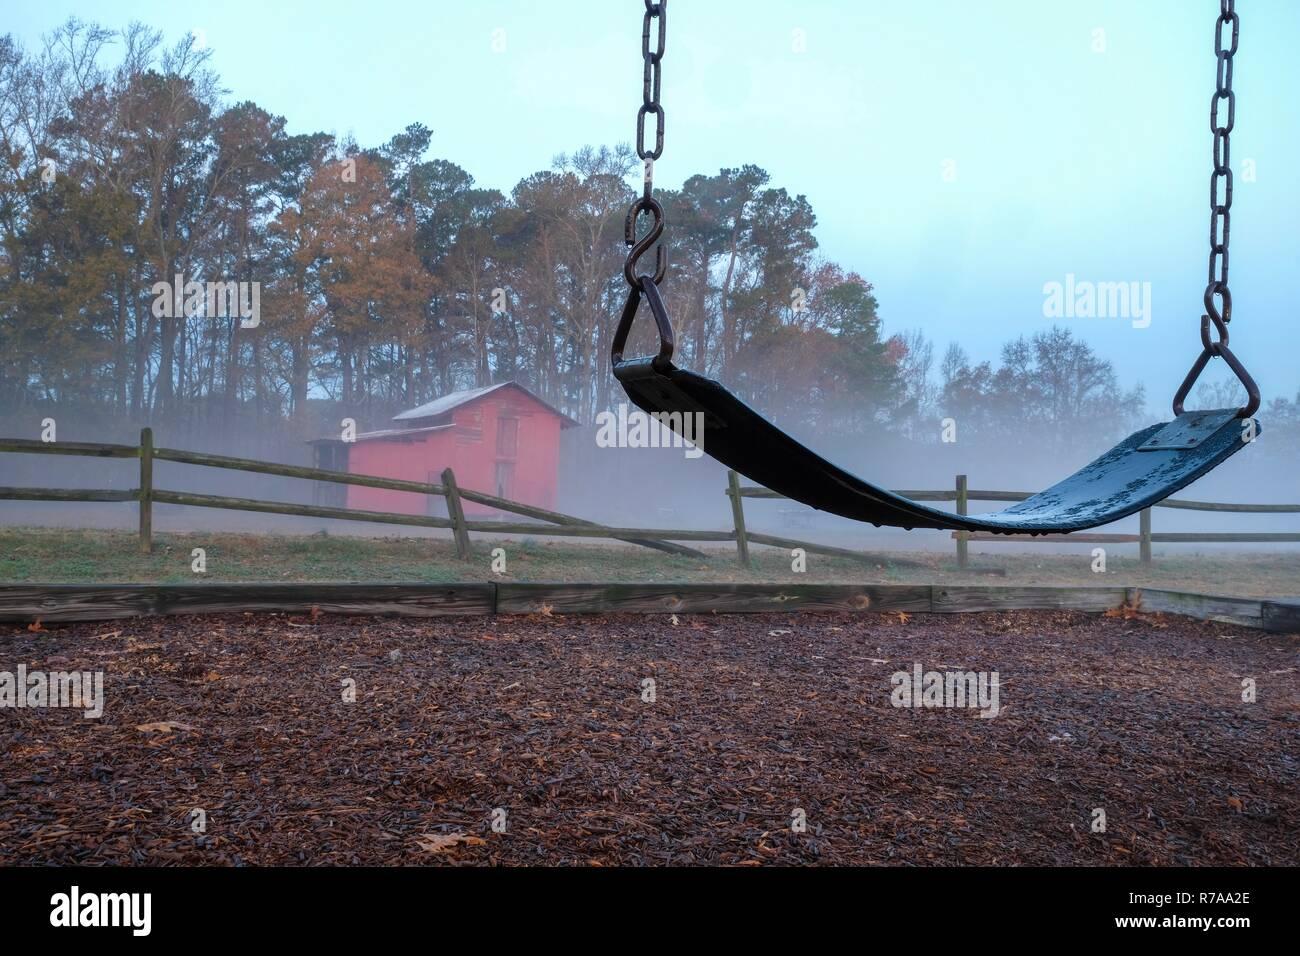 Un solitario malinconico scena di un vuoto di swing con un vecchio granaio rosso e la rottura di una recinzione di legno in una fresca mattinata nebbiosa. Il lago di Benson Park in Garner Nort Immagini Stock